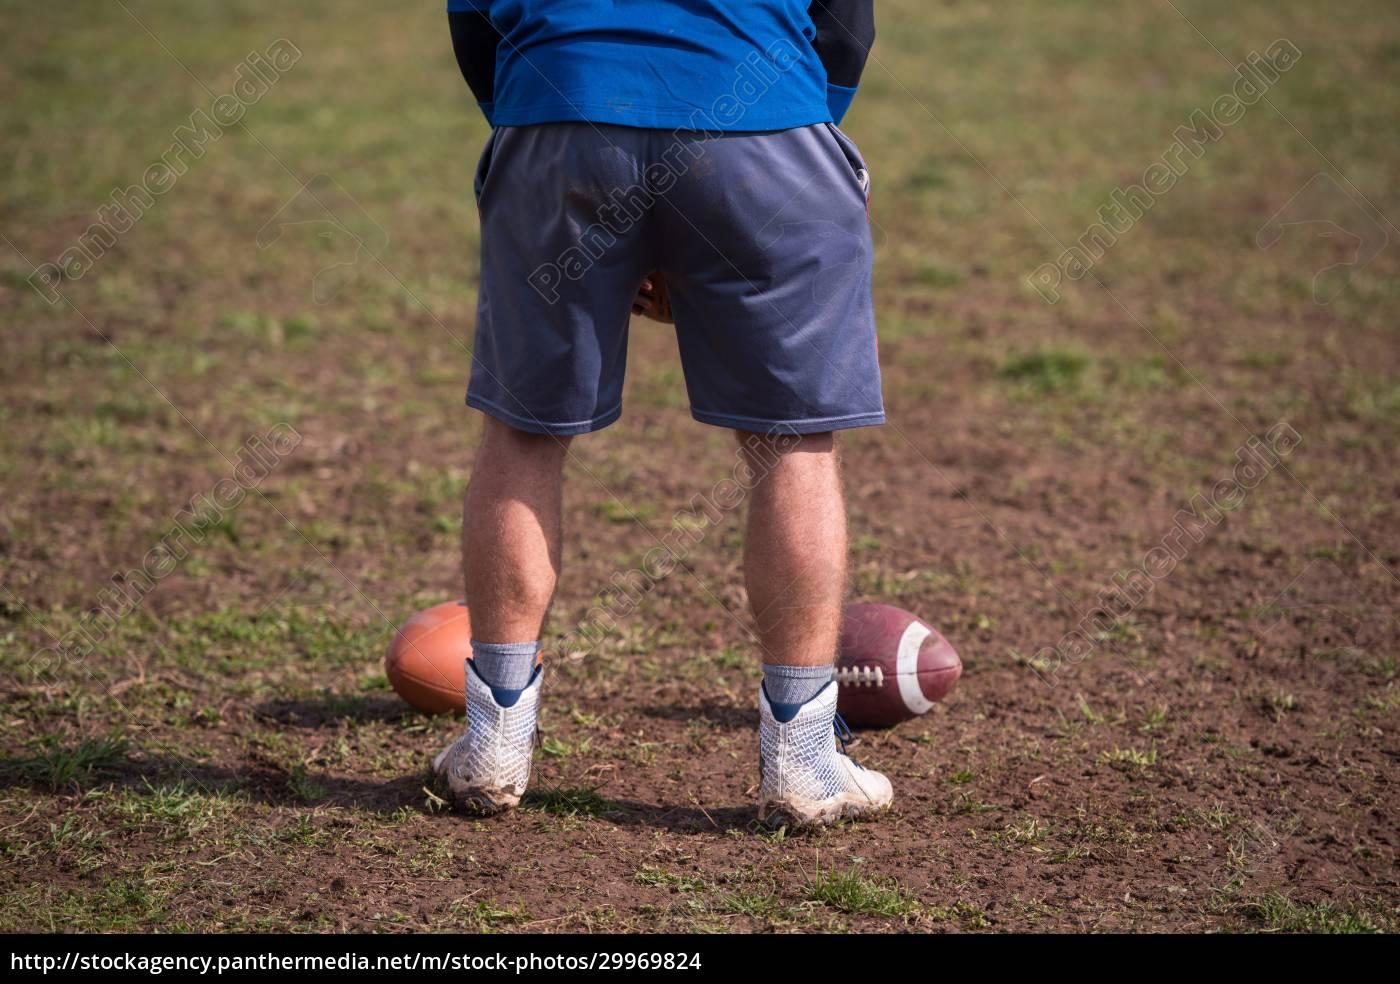 american, football, kicker, practicing, kickoff - 29969824